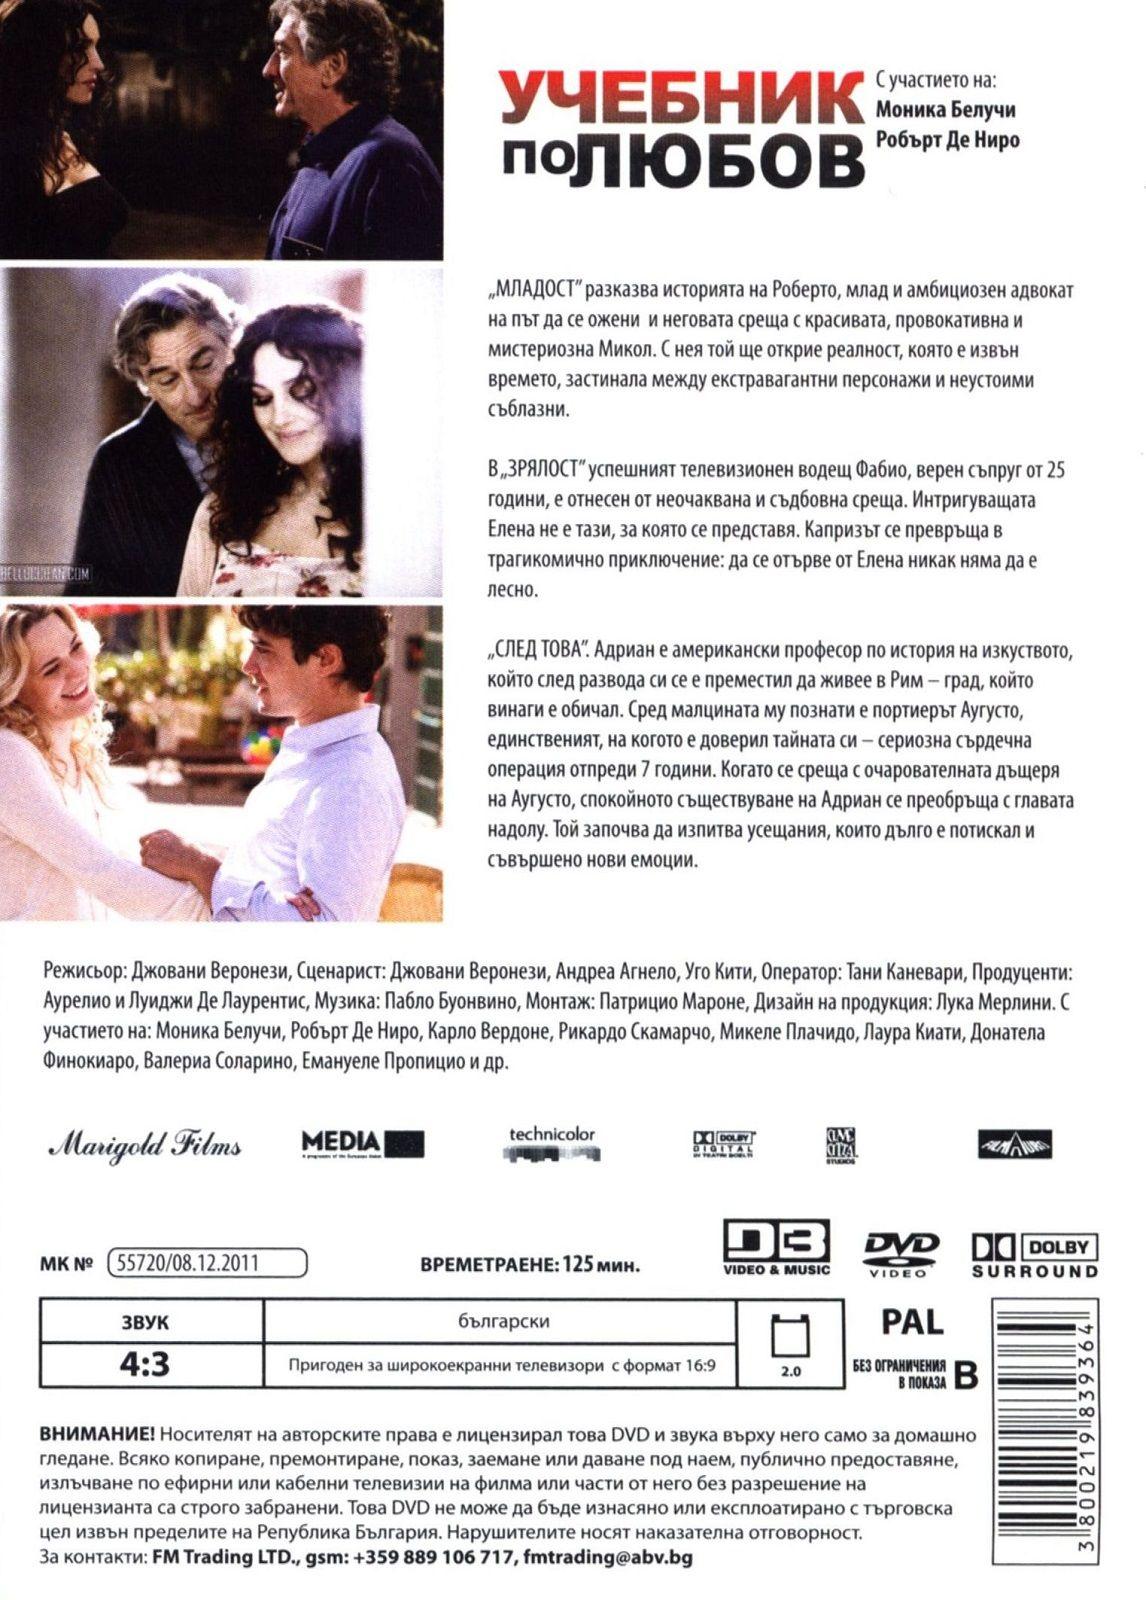 Учебник по Любов (DVD) - 2